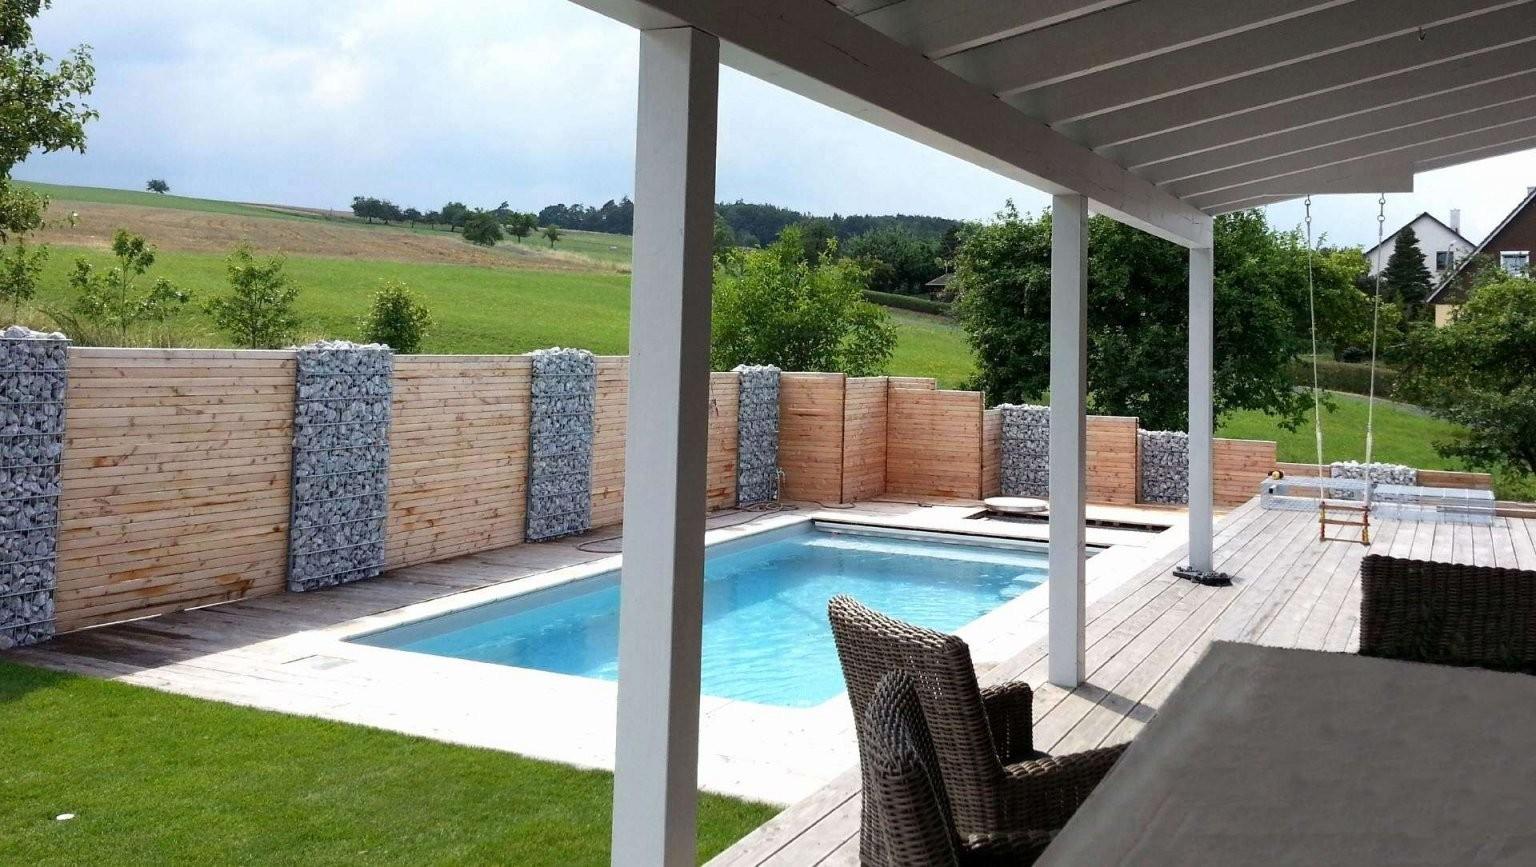 Pool Mit Paletten Selber Bauen Design Von Wasserfall Pool Selber von Pool Aus Paletten Selber Bauen Bild